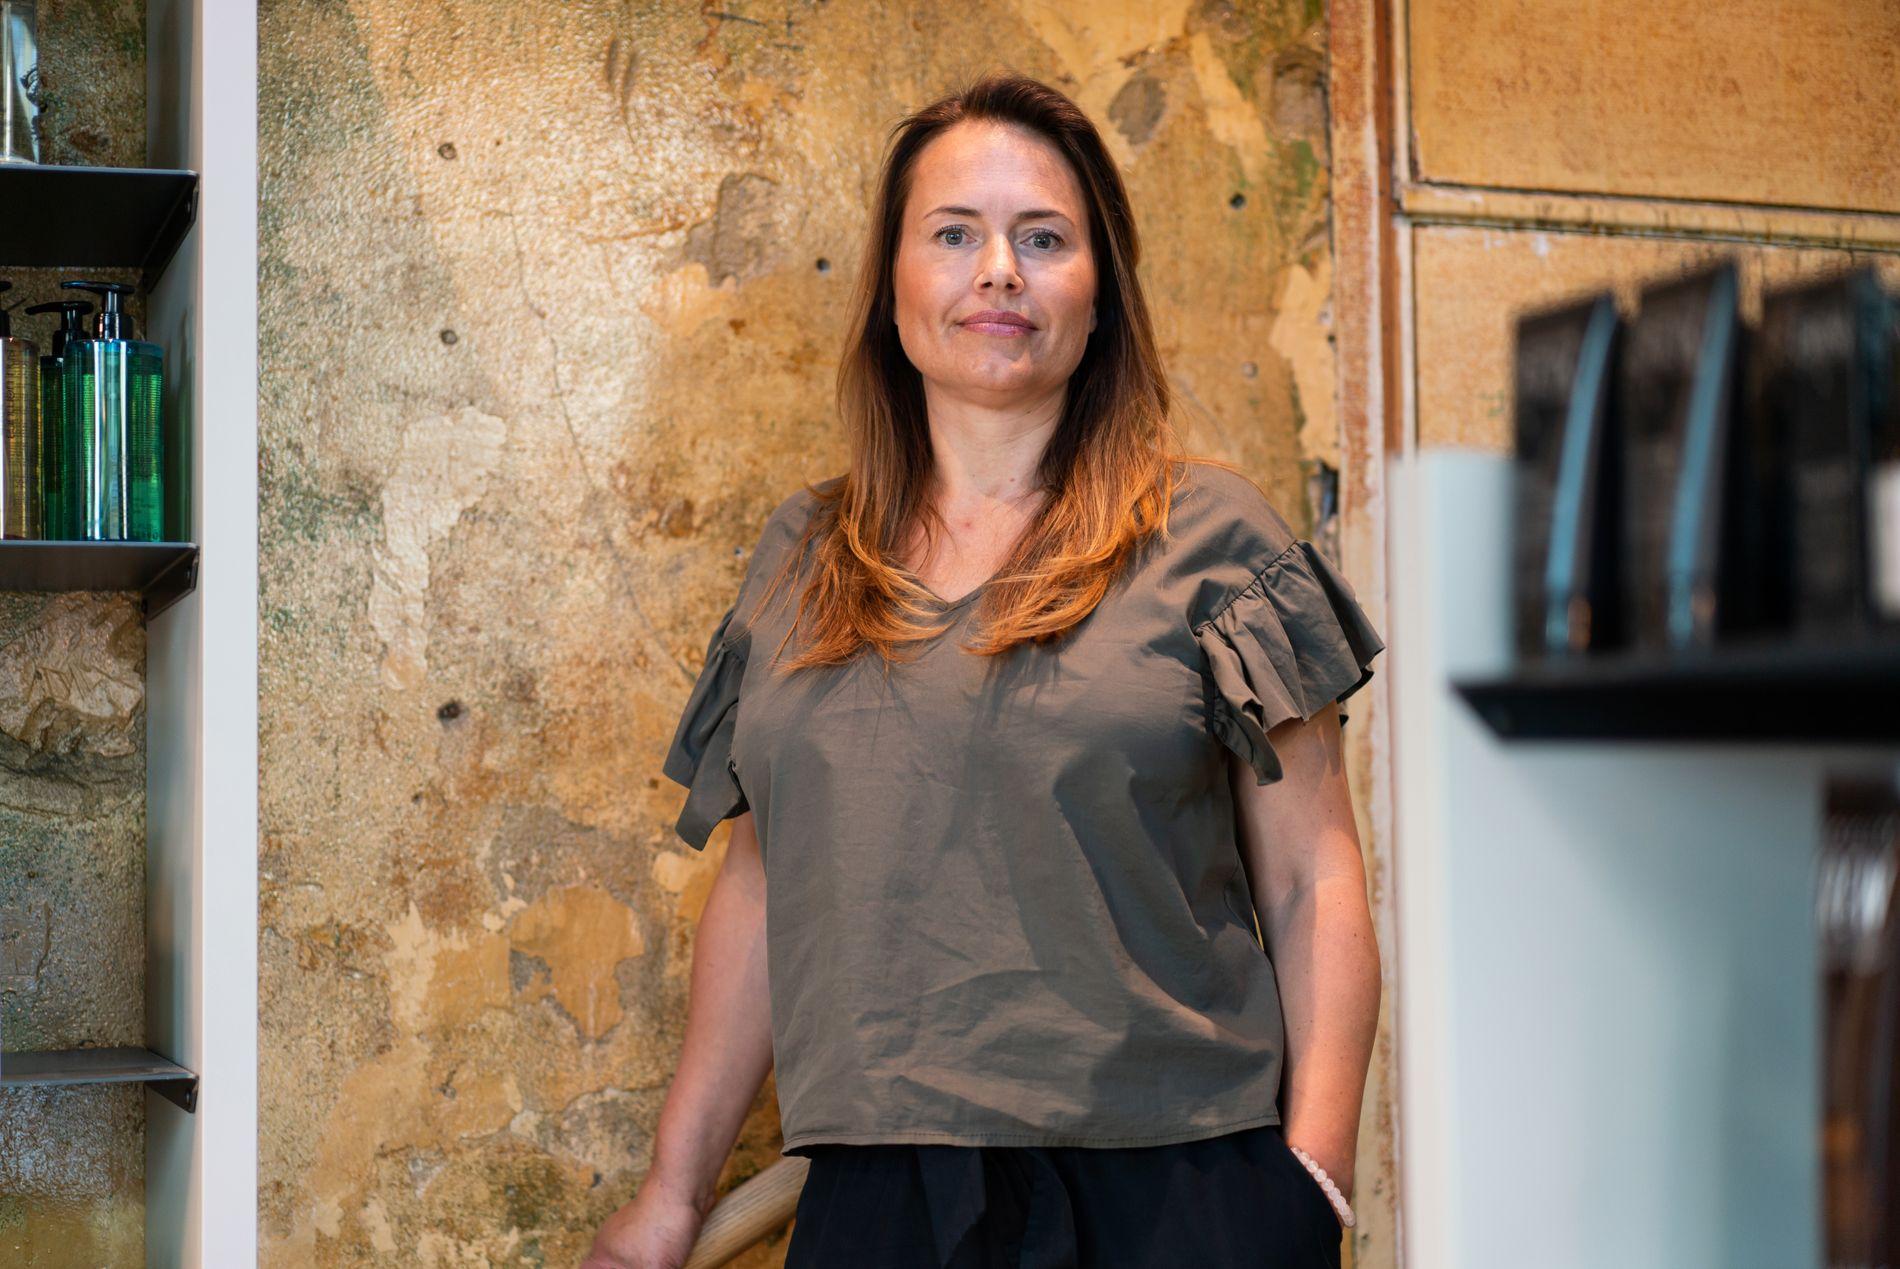 Nina Thorsbye jobber som selvstendig næringsdrivende på Spaghetti Frisør i Oslo. Hun er også utdannet enhetsterapeut.